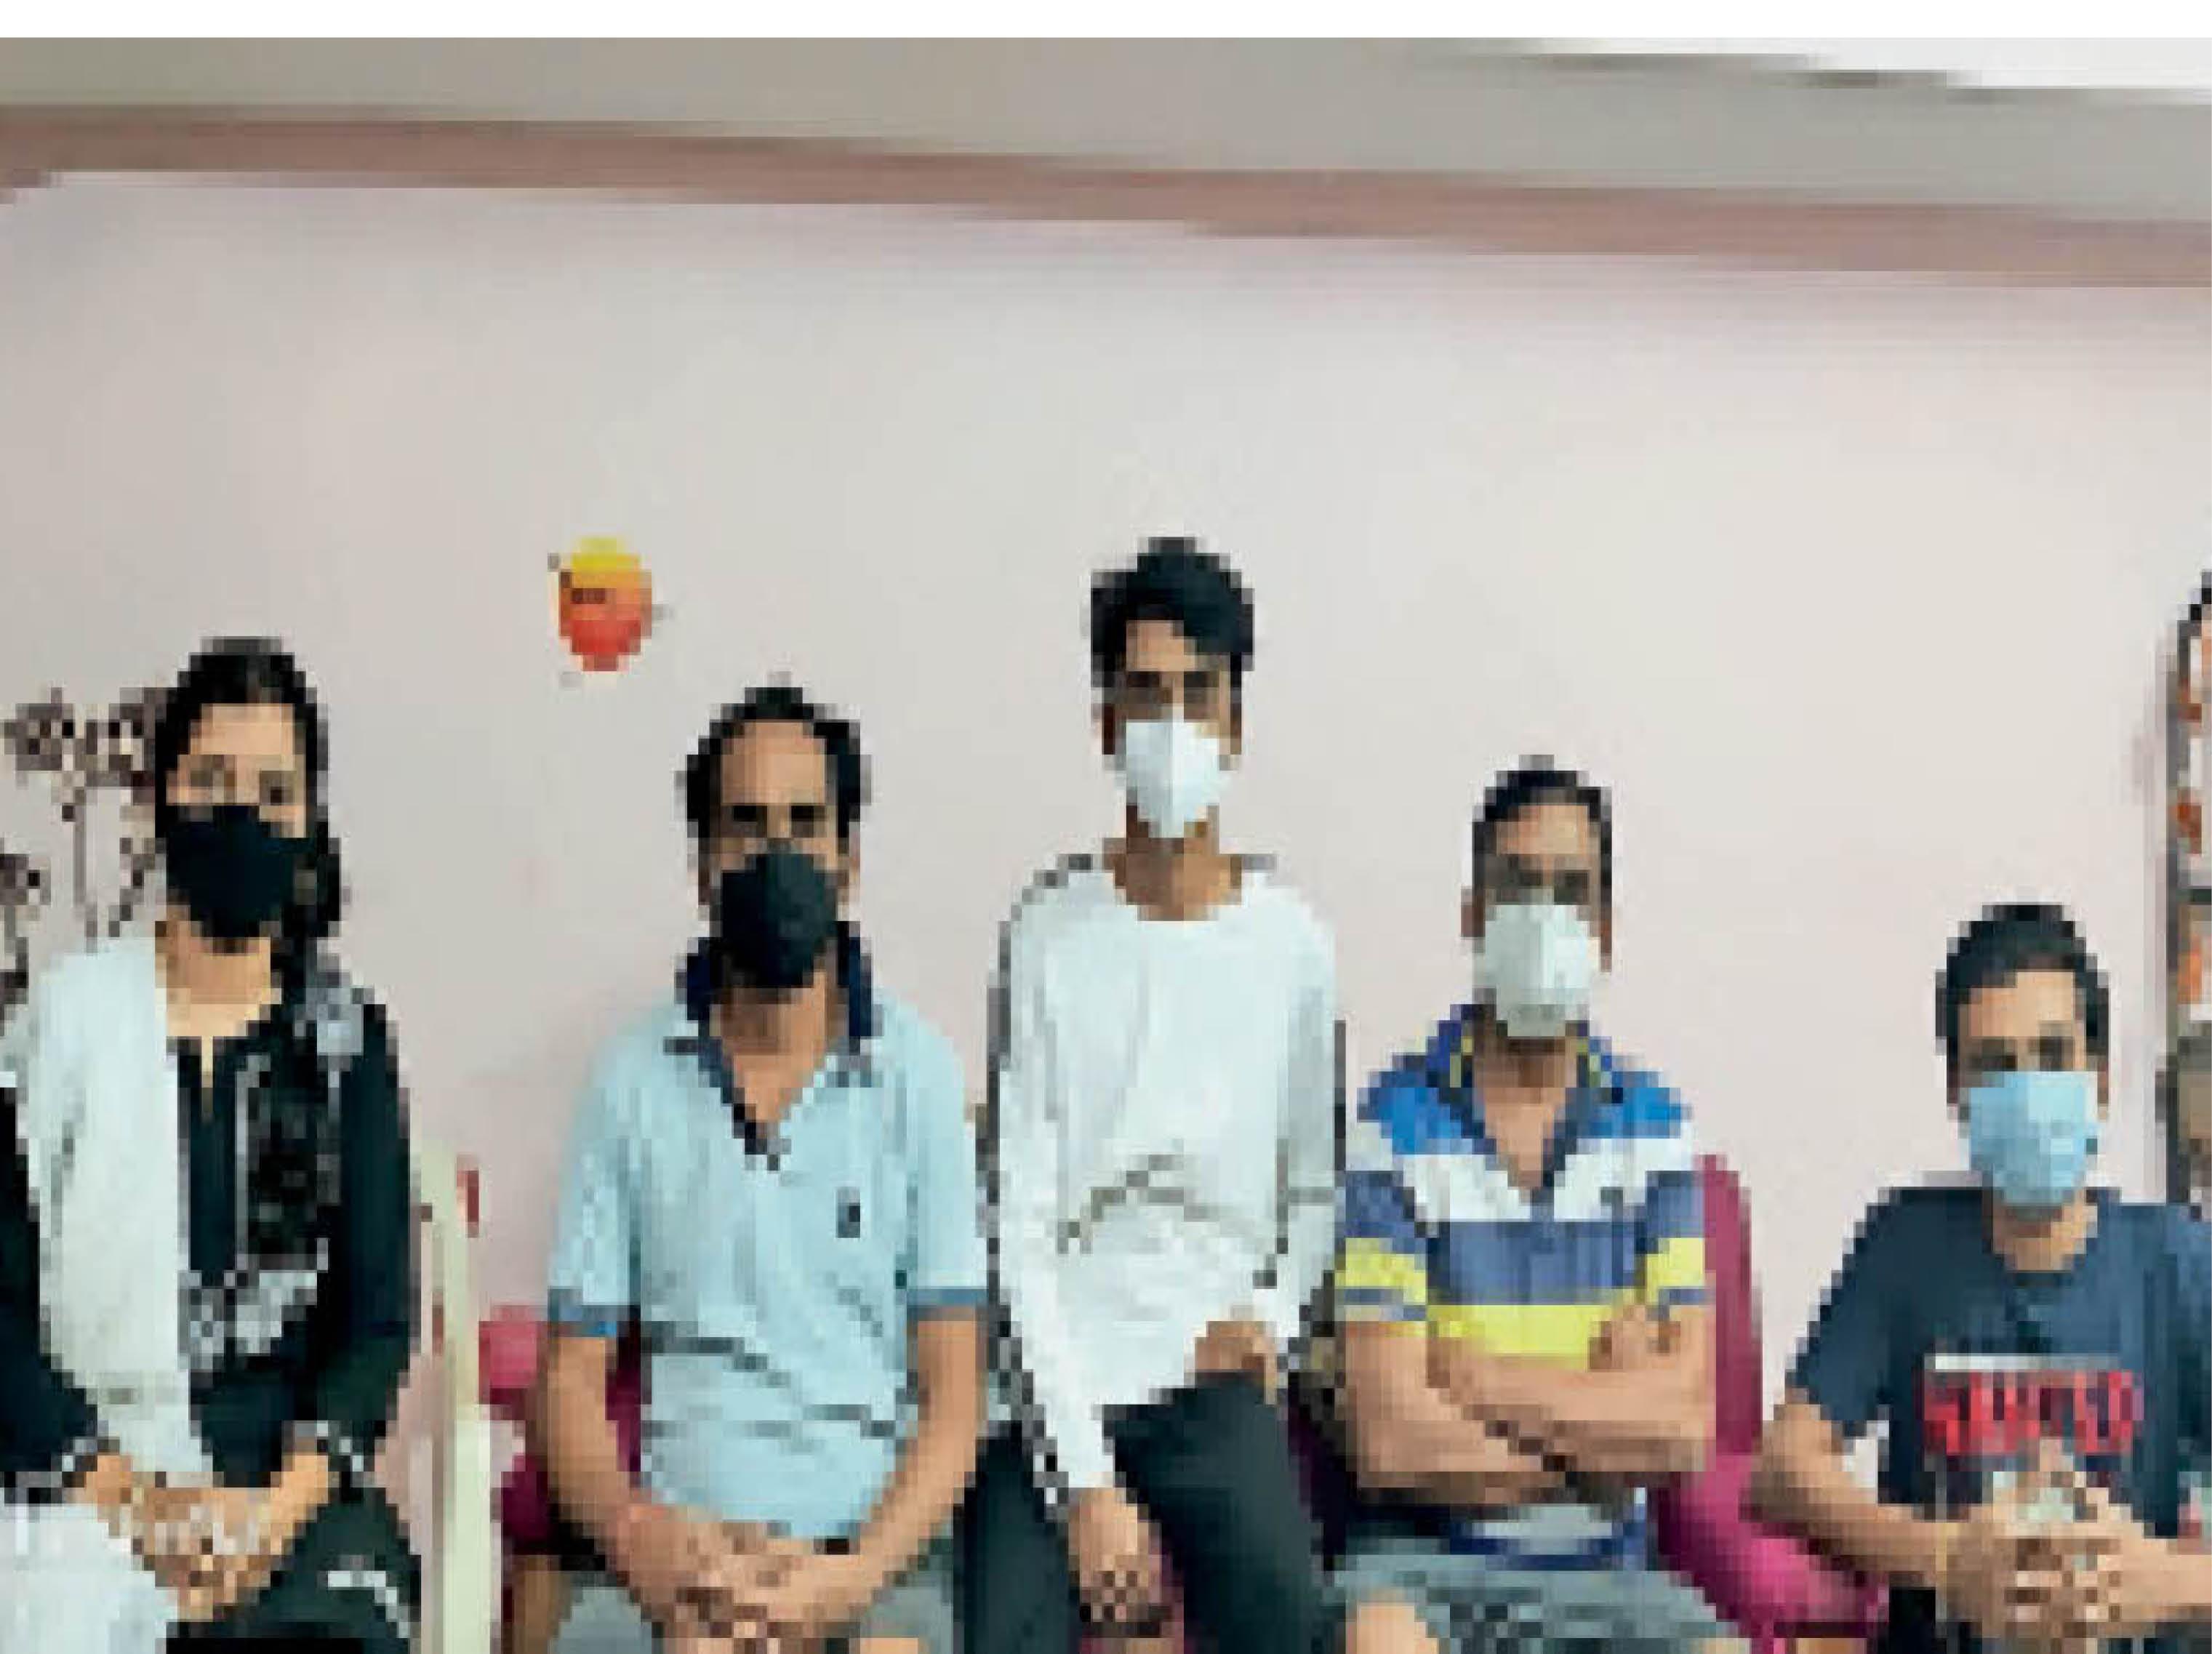 होम आइसोलेशन में ही पूरे परिवार का शेड्यूल बनाया, समय पर दवाइयां ली, मनोबल को गिरने नहीं दिया, 20 दिन में ही ठीक हो गए सभी सदस्य|भिलाई,Bhilai - Dainik Bhaskar